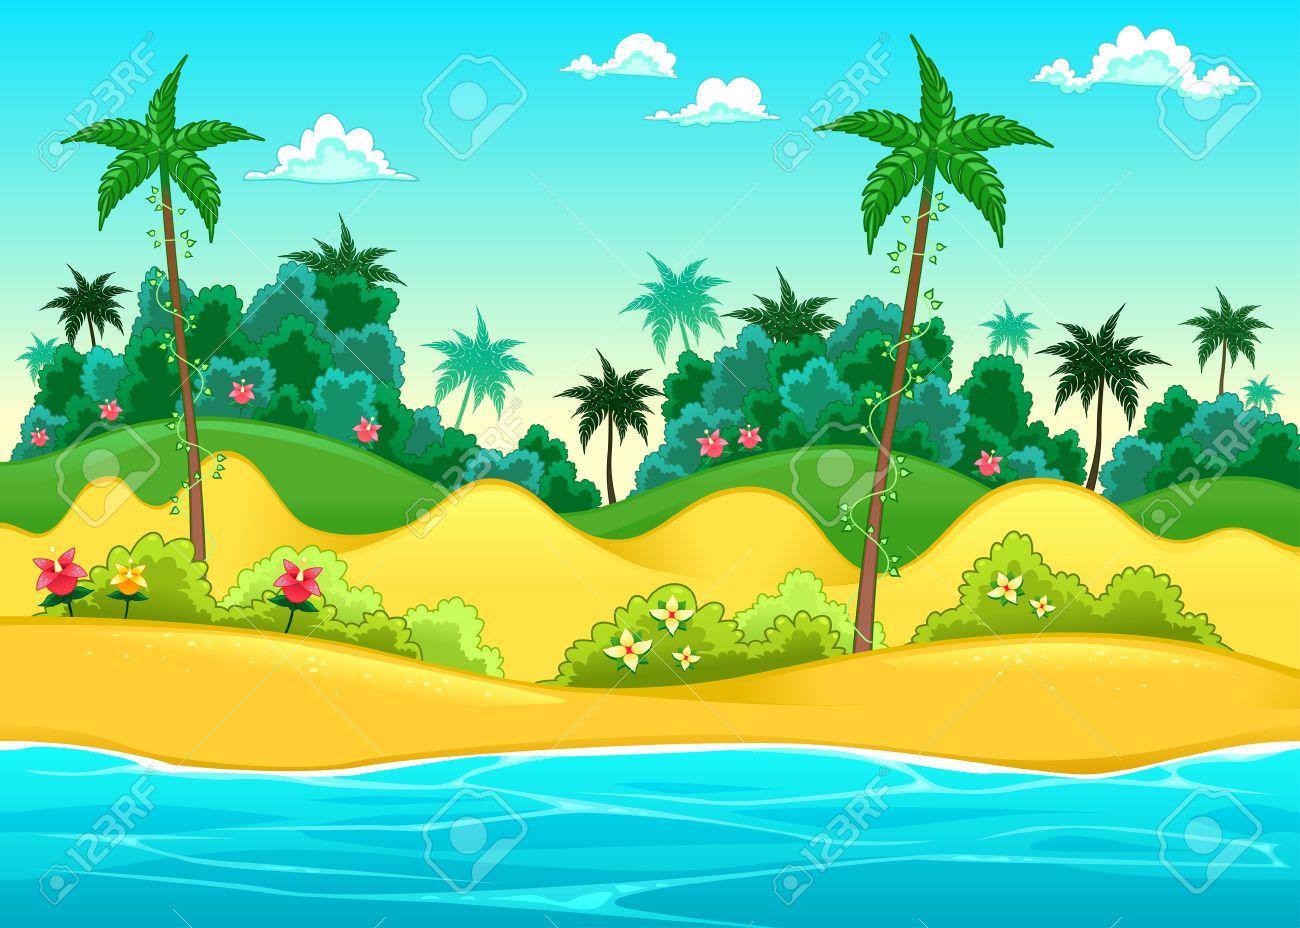 Paisaje en la orilla del mar ilustraci n vectorial de dibujos animados ilustraciones - Fotos fondo del mar ...